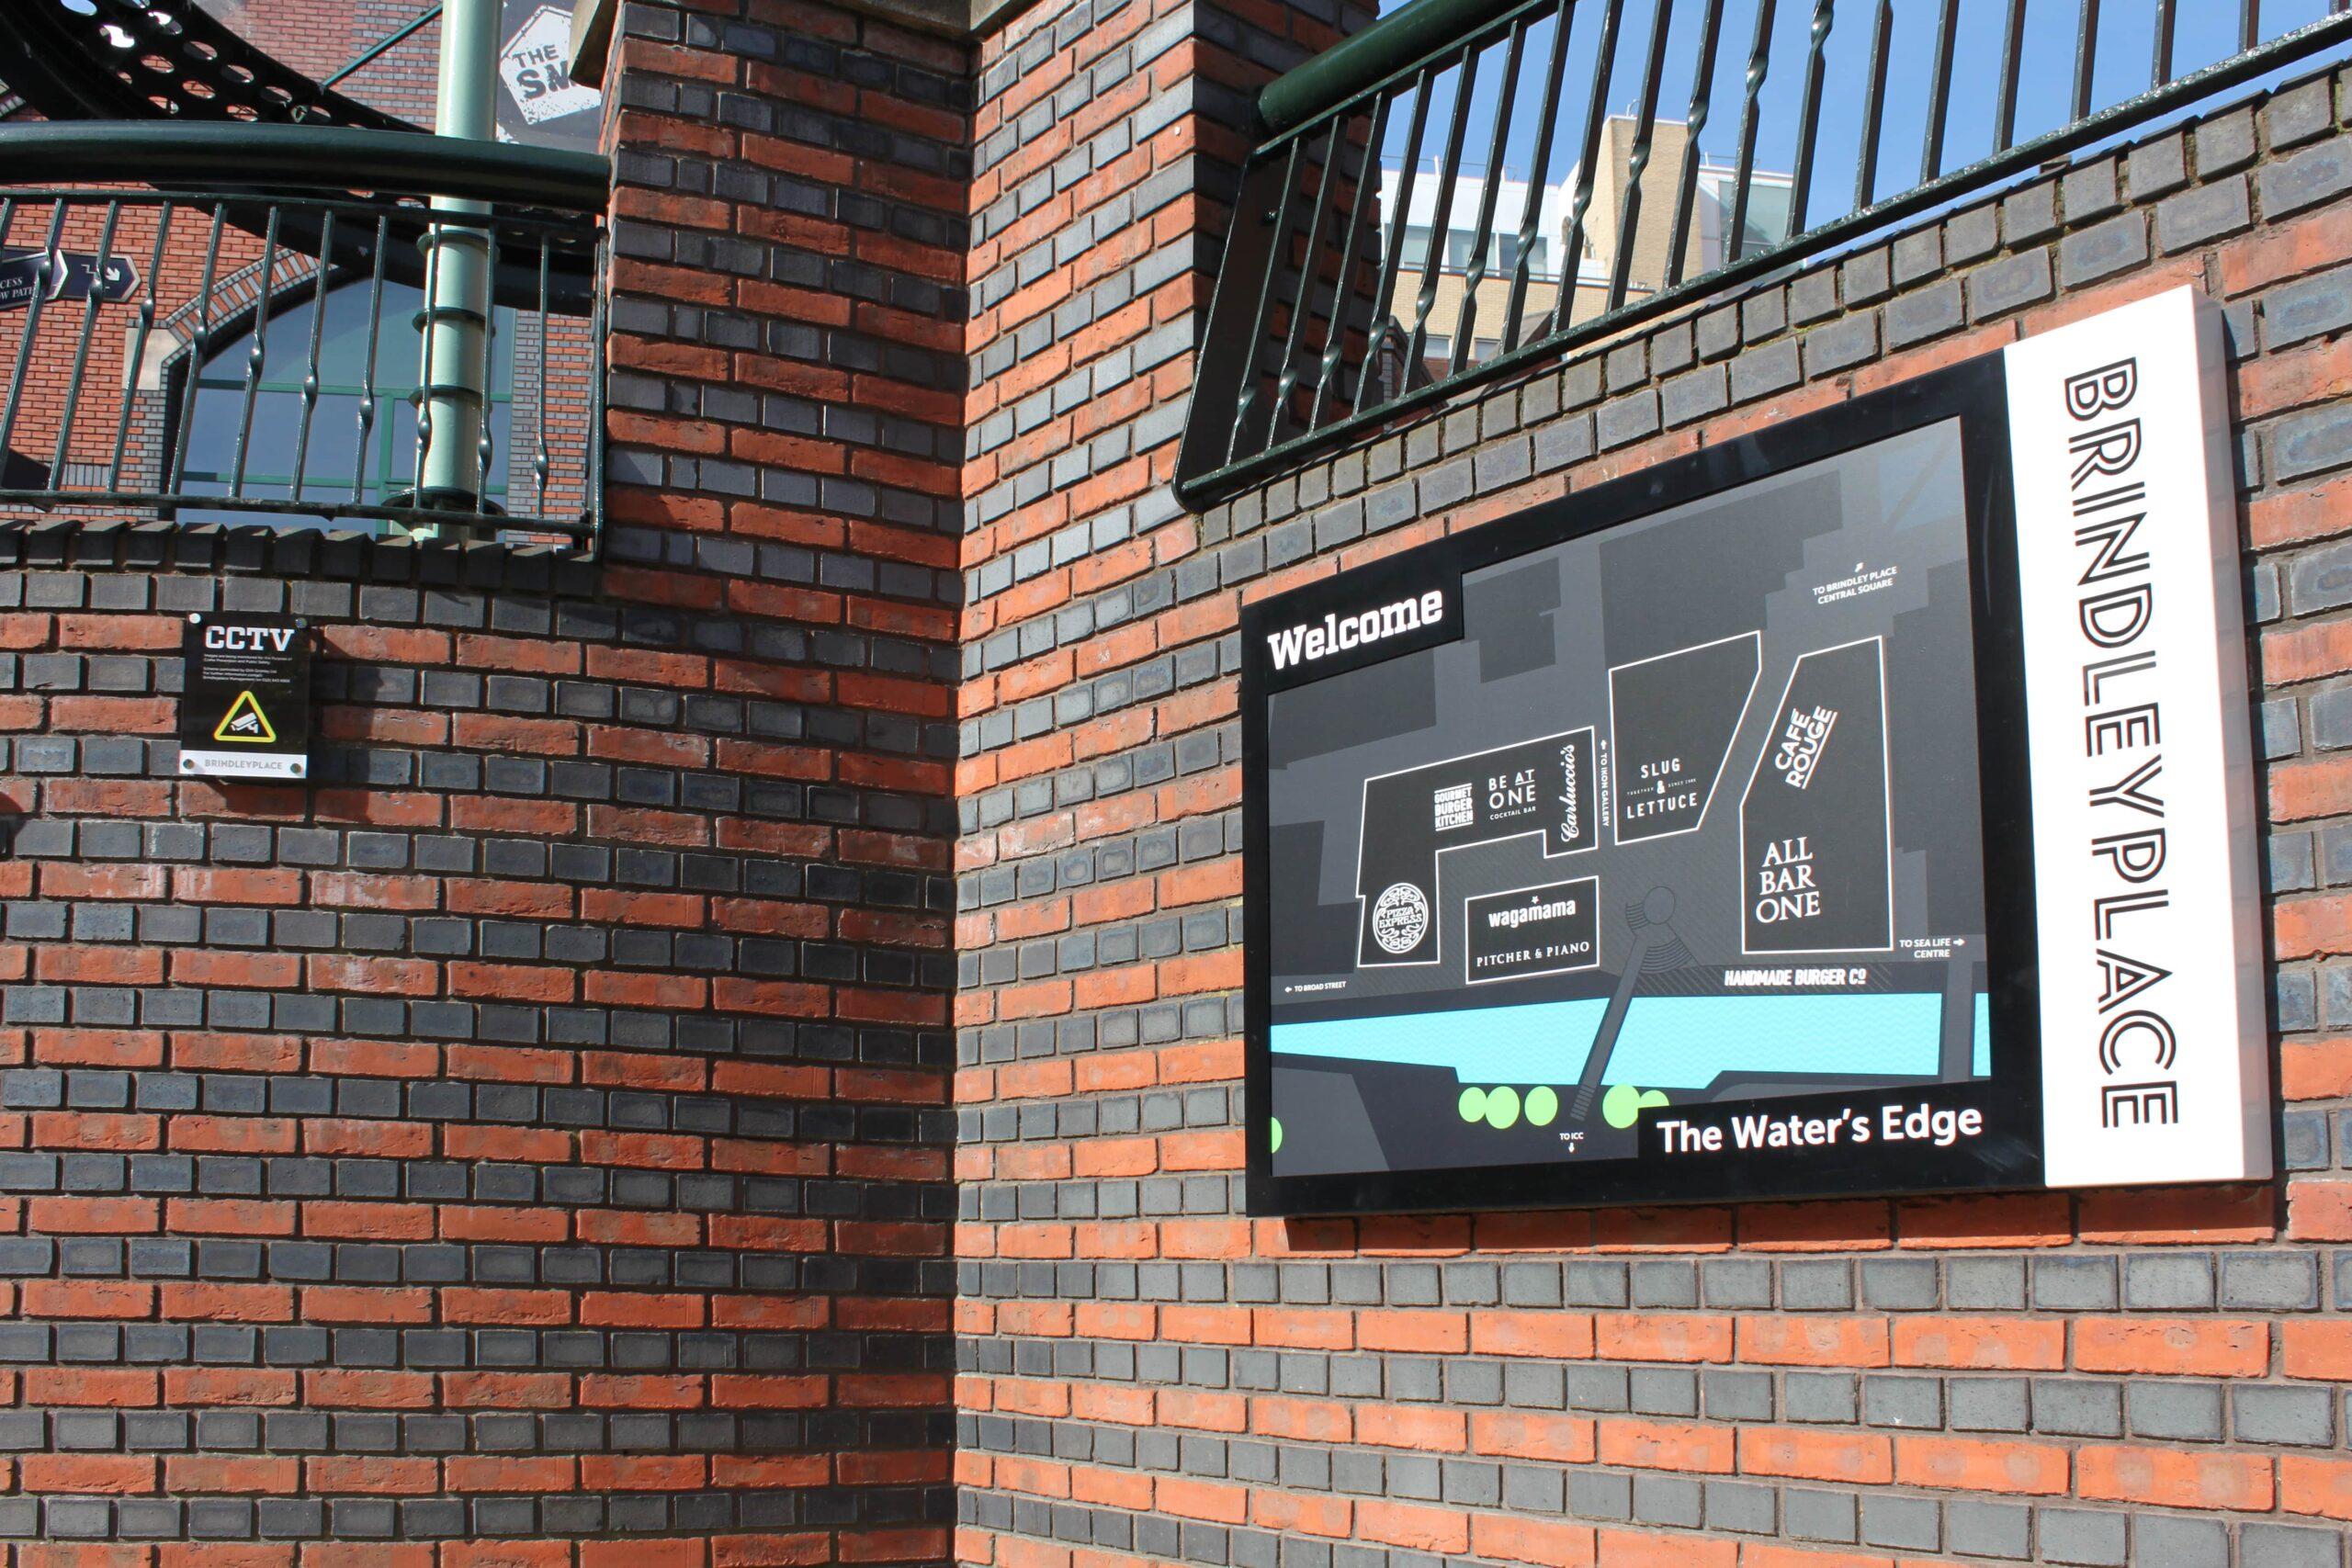 Brindley-Place-Birmingham-Site-Map-Concept-Signs